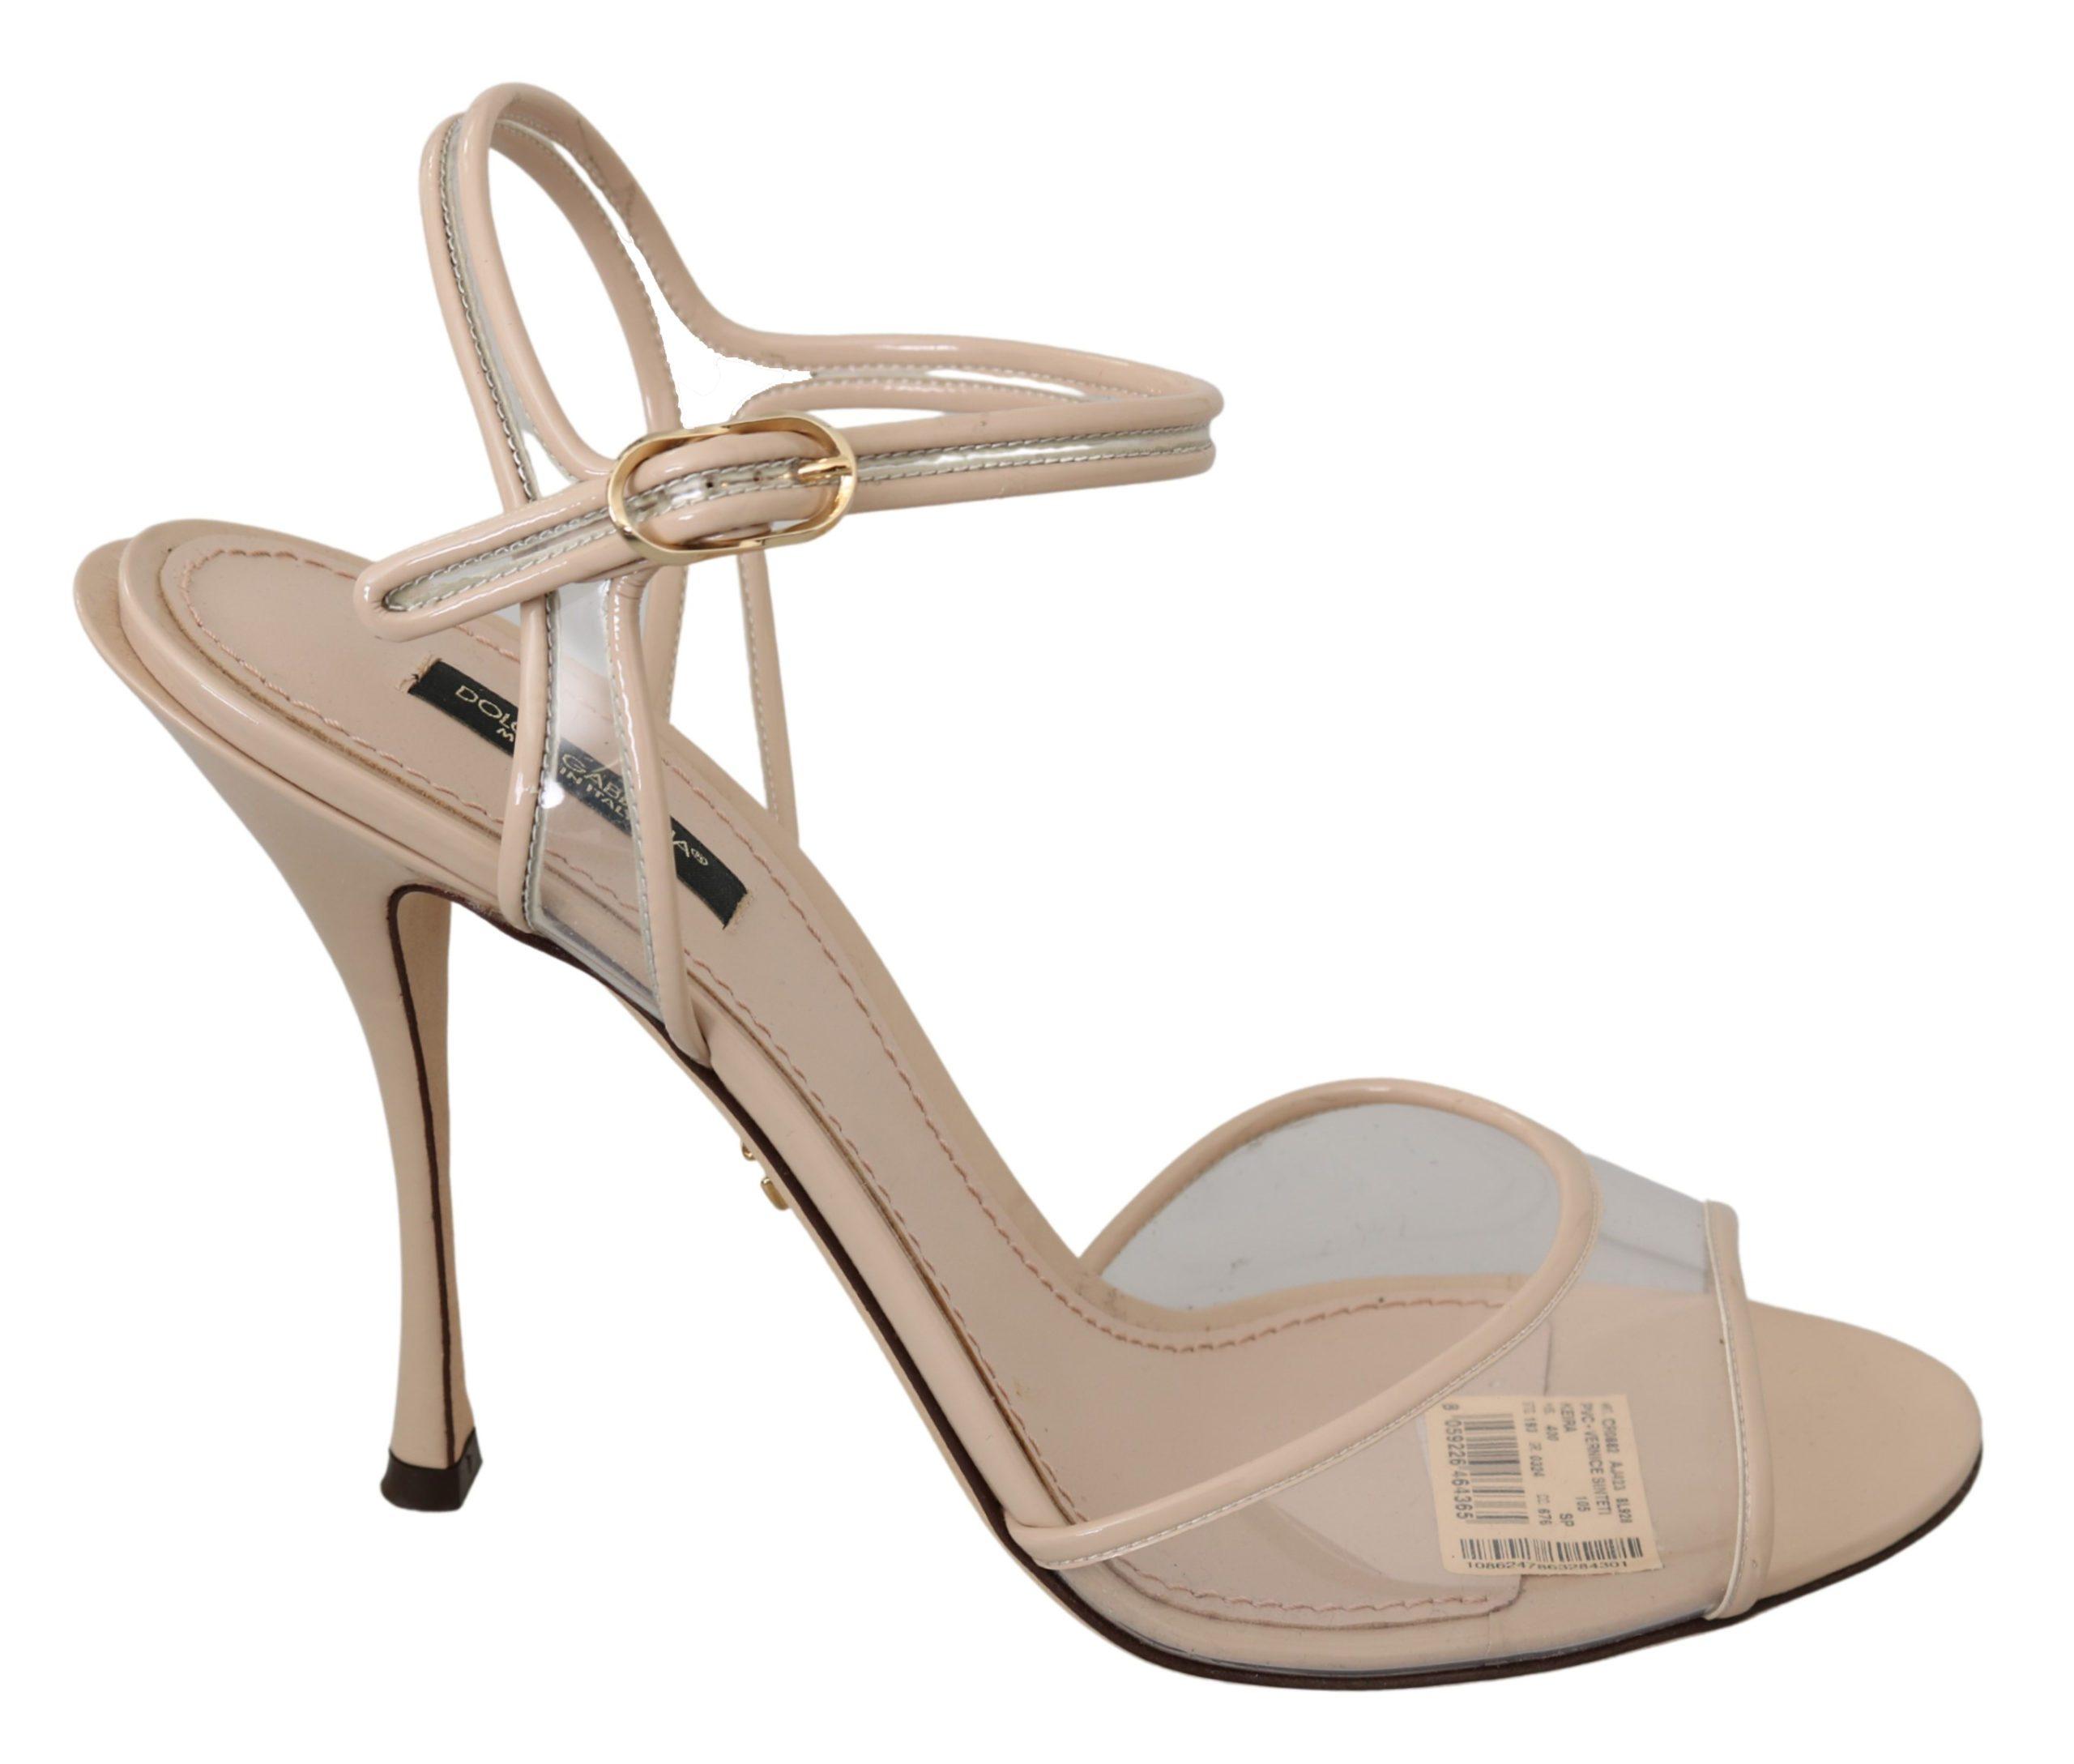 Dolce & Gabbana Women's Nude Leather Ankle Strap Sandal Beige LA6880 - EU40/US9.5